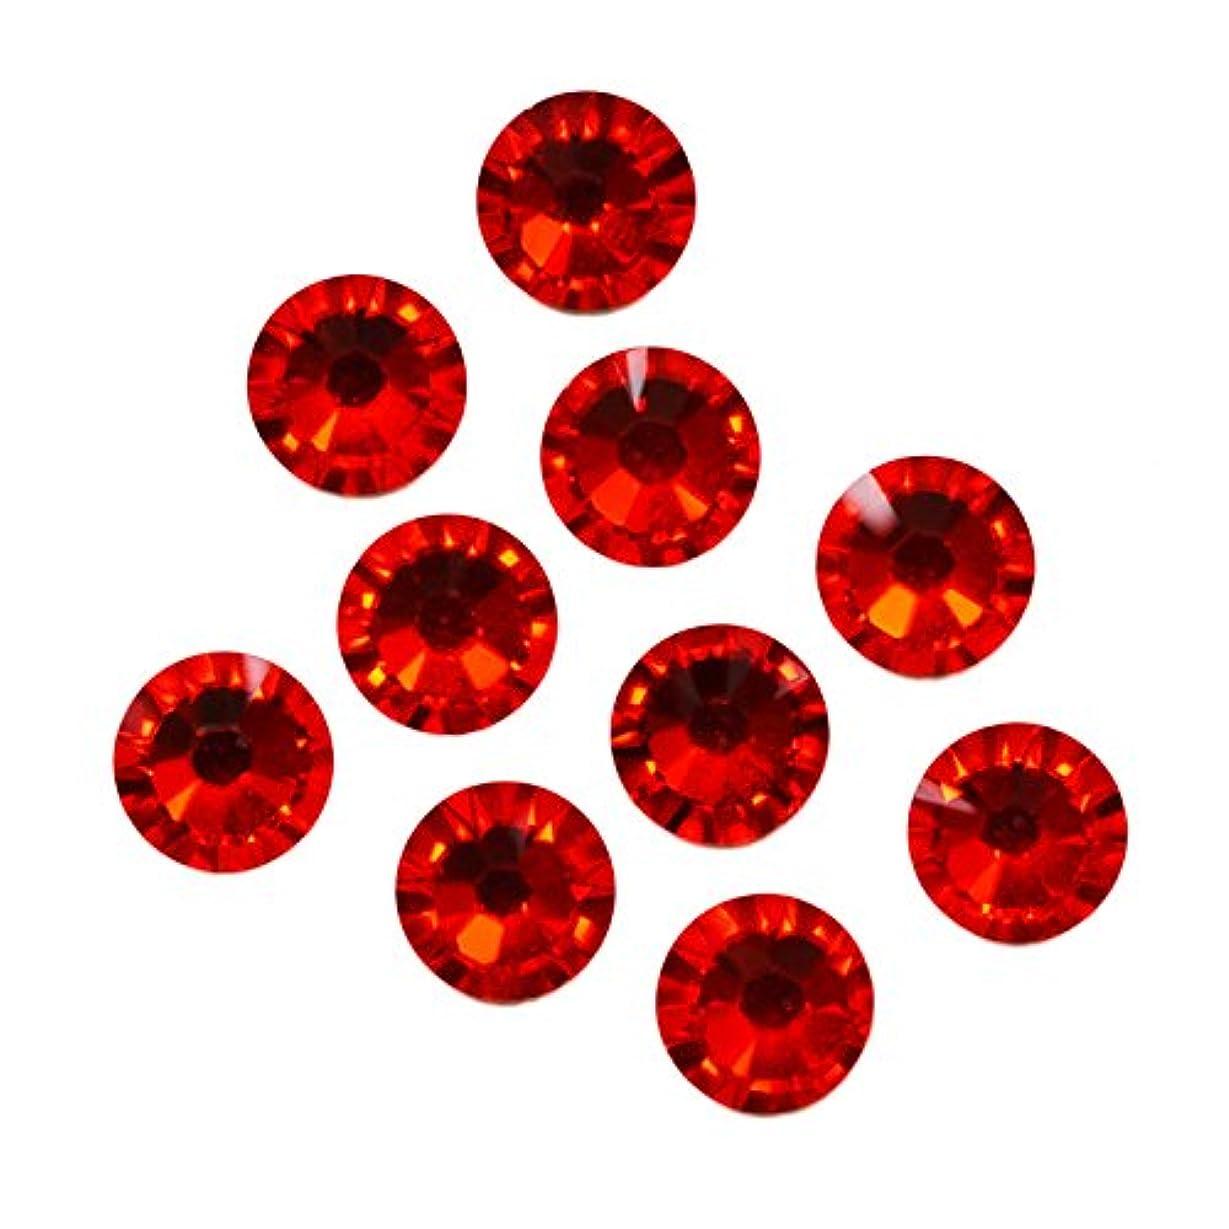 取り出すばかげた立方体スワロフスキーエレメント ライトシャム/フラットバック ノンホットフィックス (ss7/50粒)